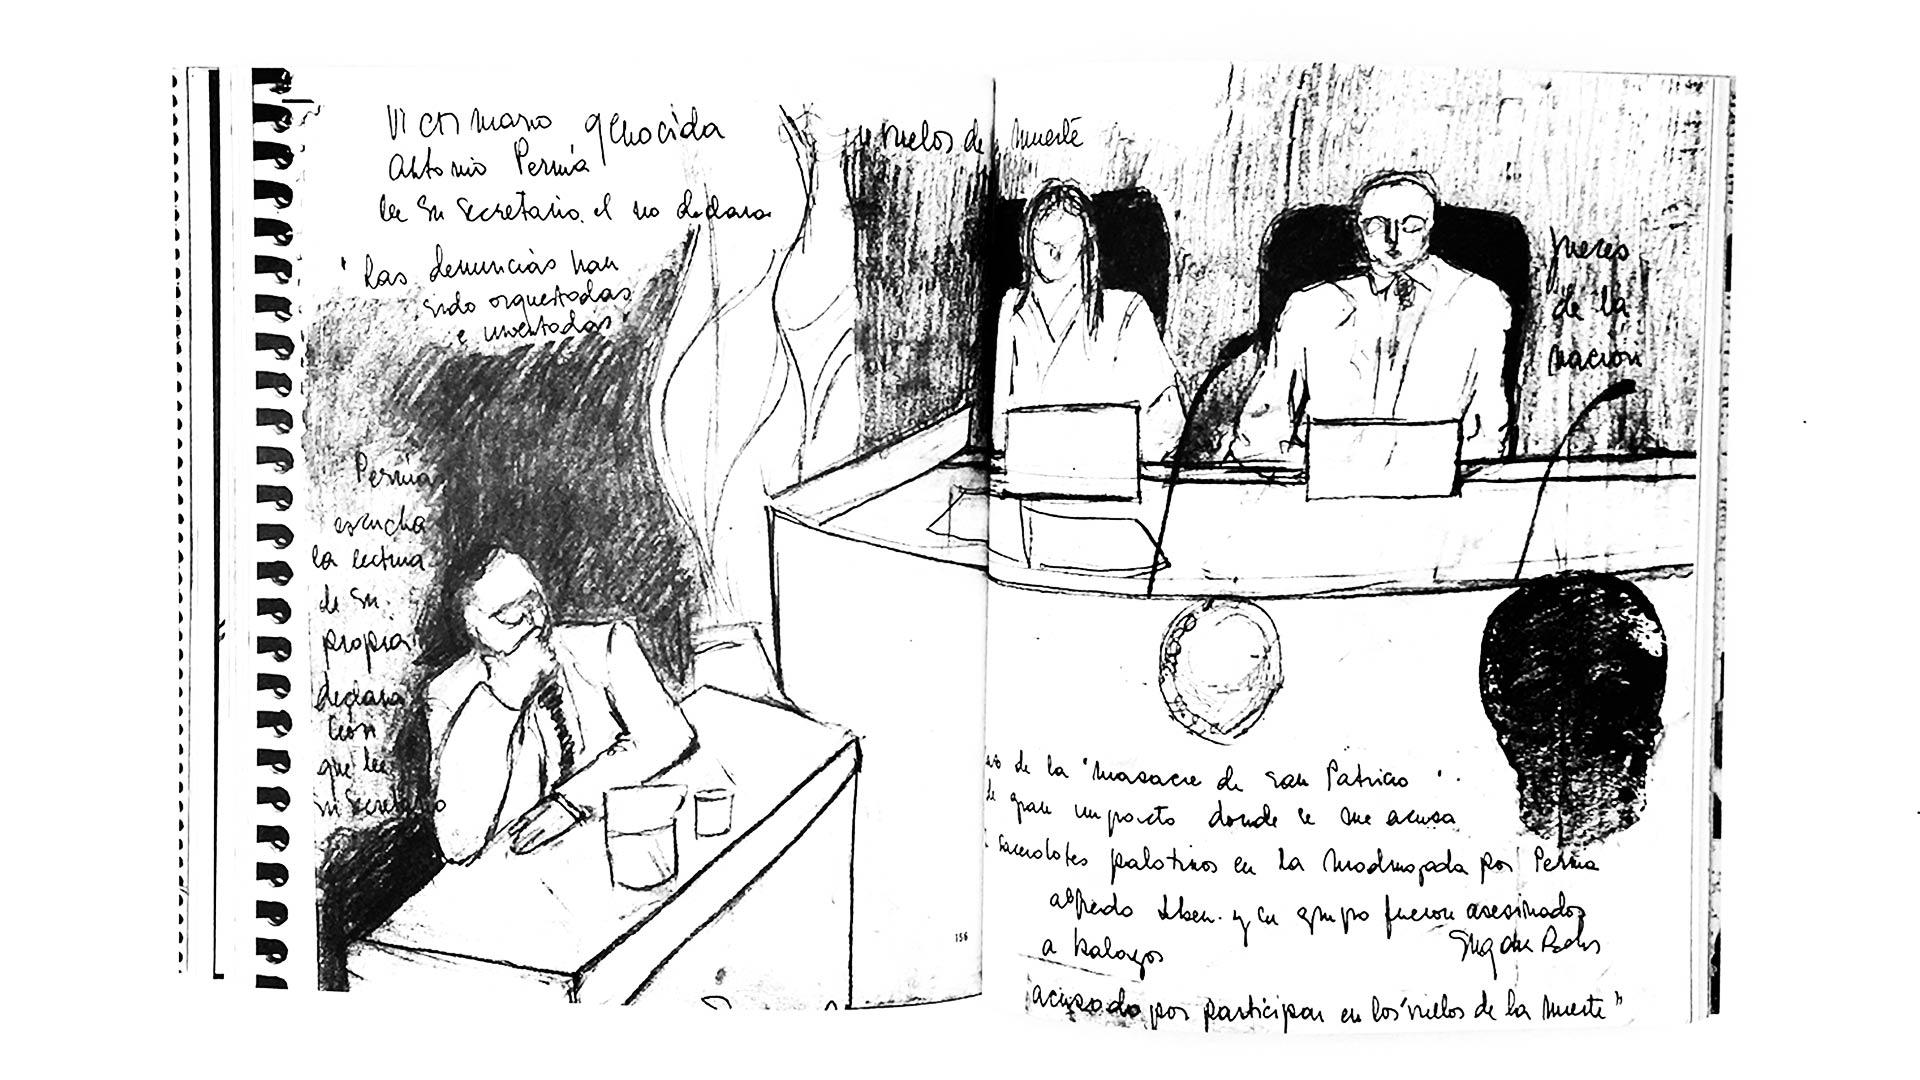 Qué hace una dibujante en los juicios de lesa humanidad_06